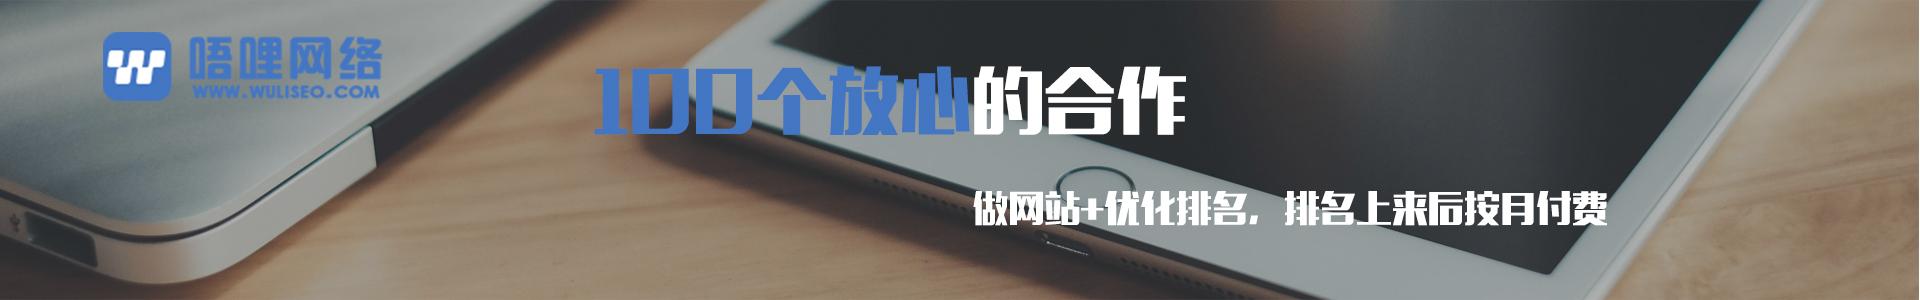 重庆网站建设专注企业网站建设,SEO优化服务